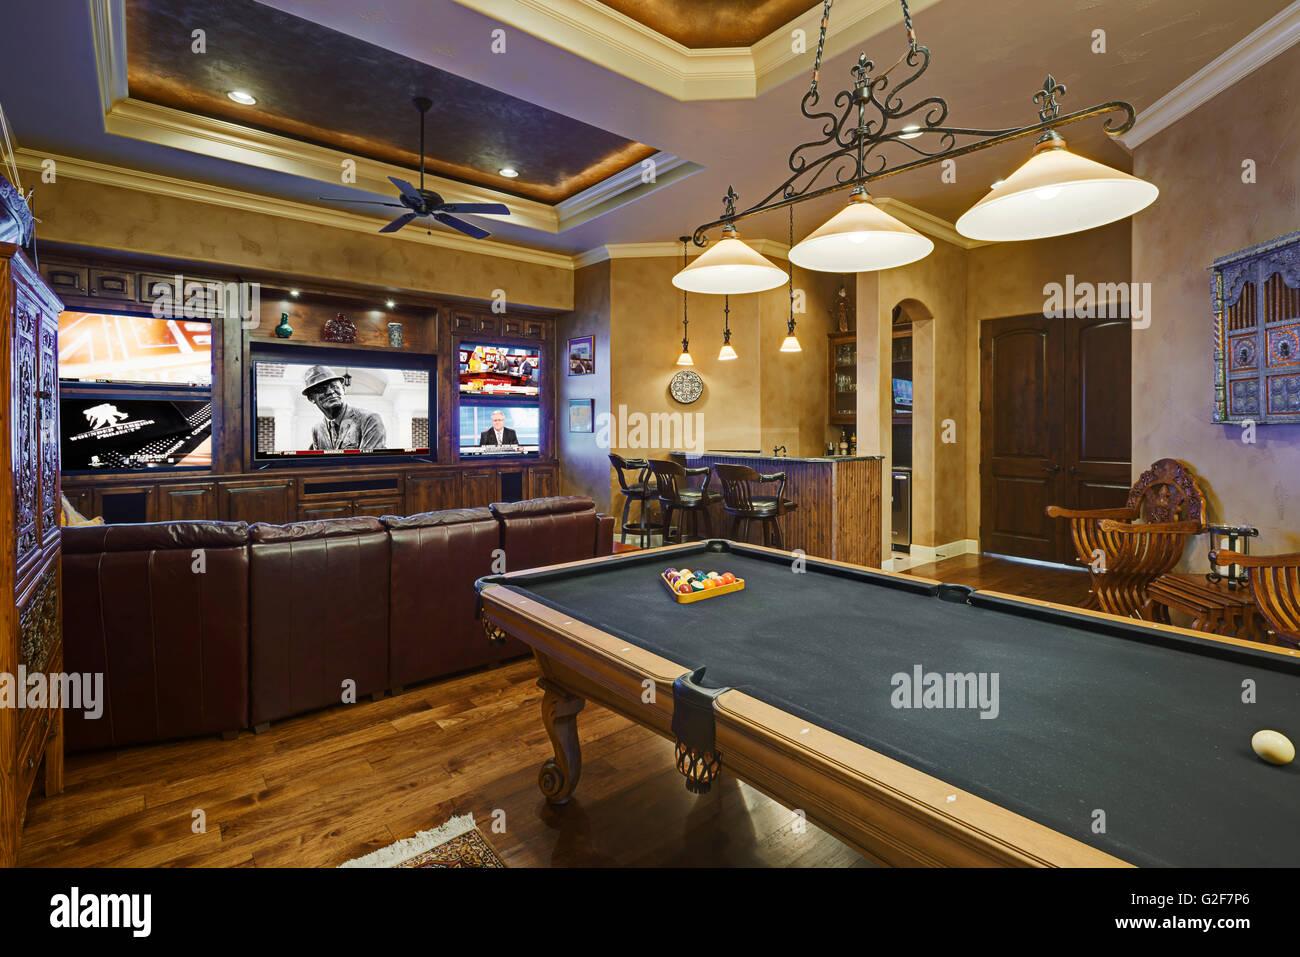 Sala De Jogos Com Mesa De Bilhar E Tv De Tela Plana Foto Imagem De  -> Sala De Tv E Jogos